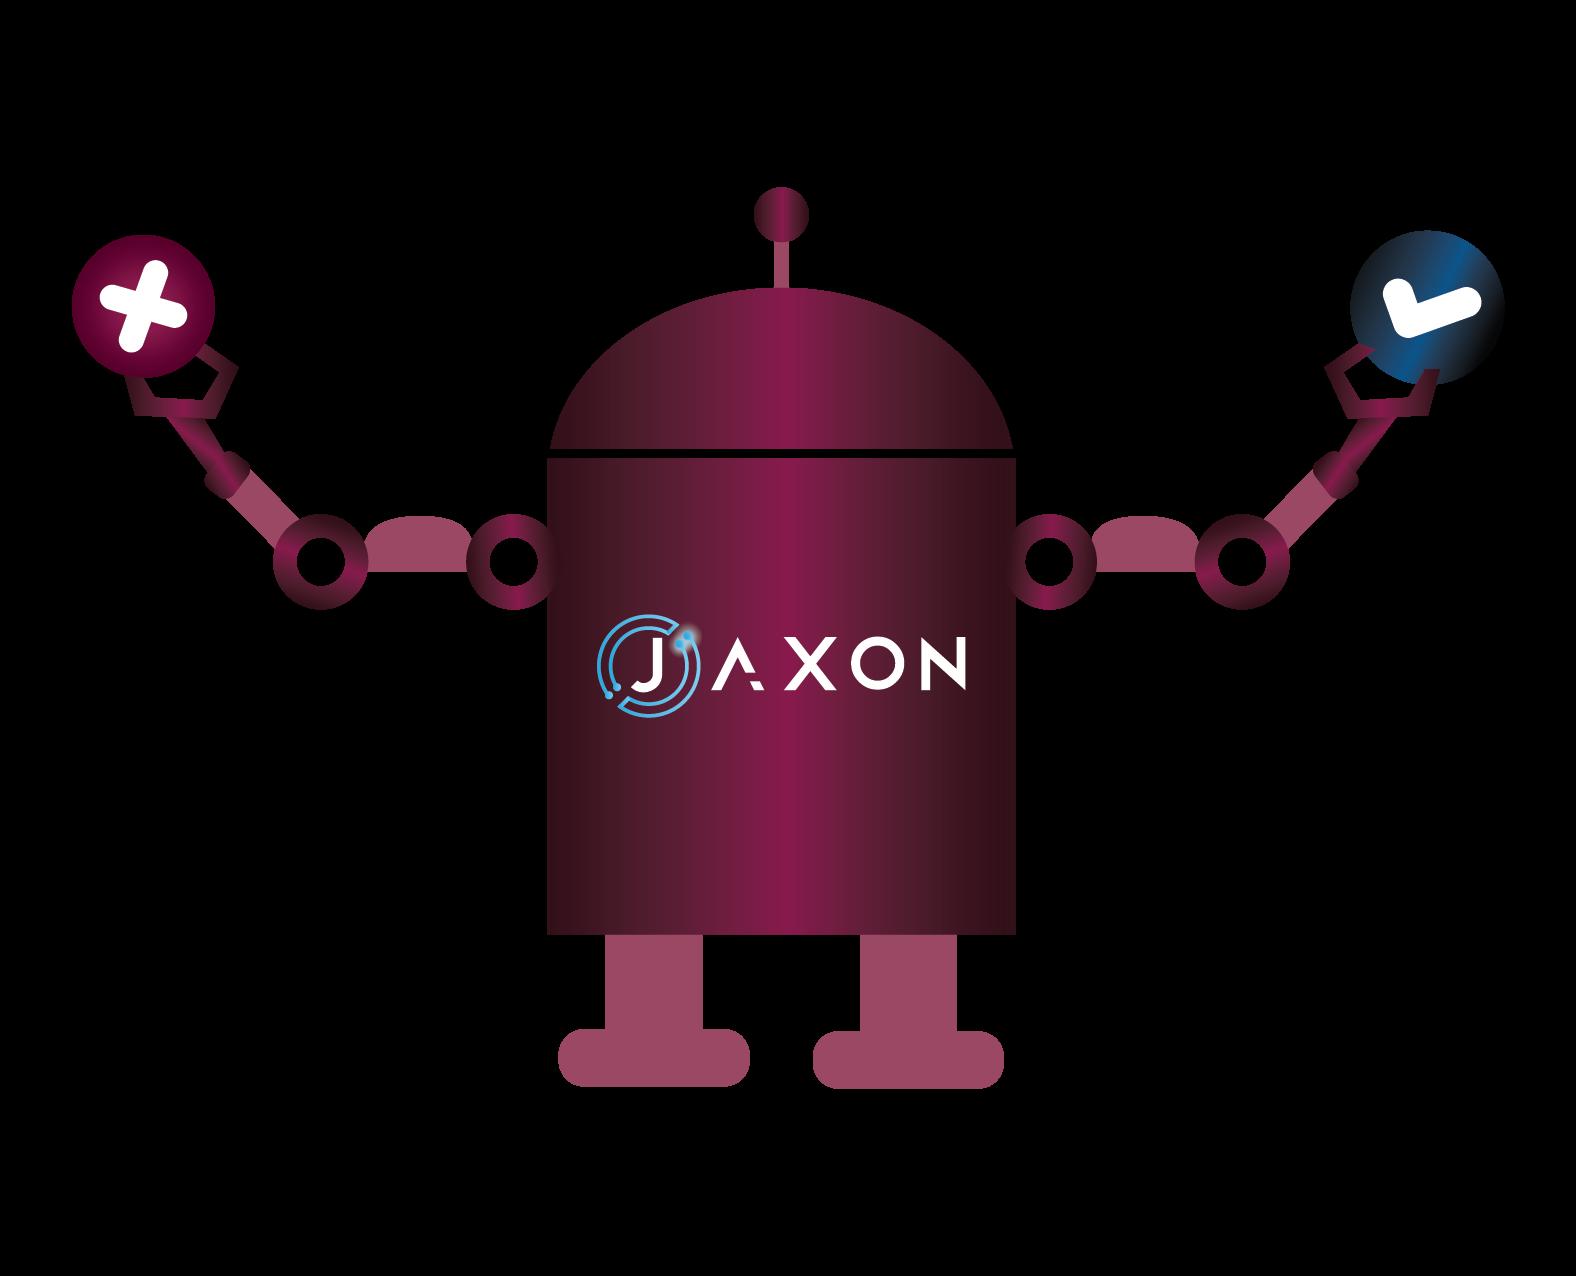 Progress to Jaxon